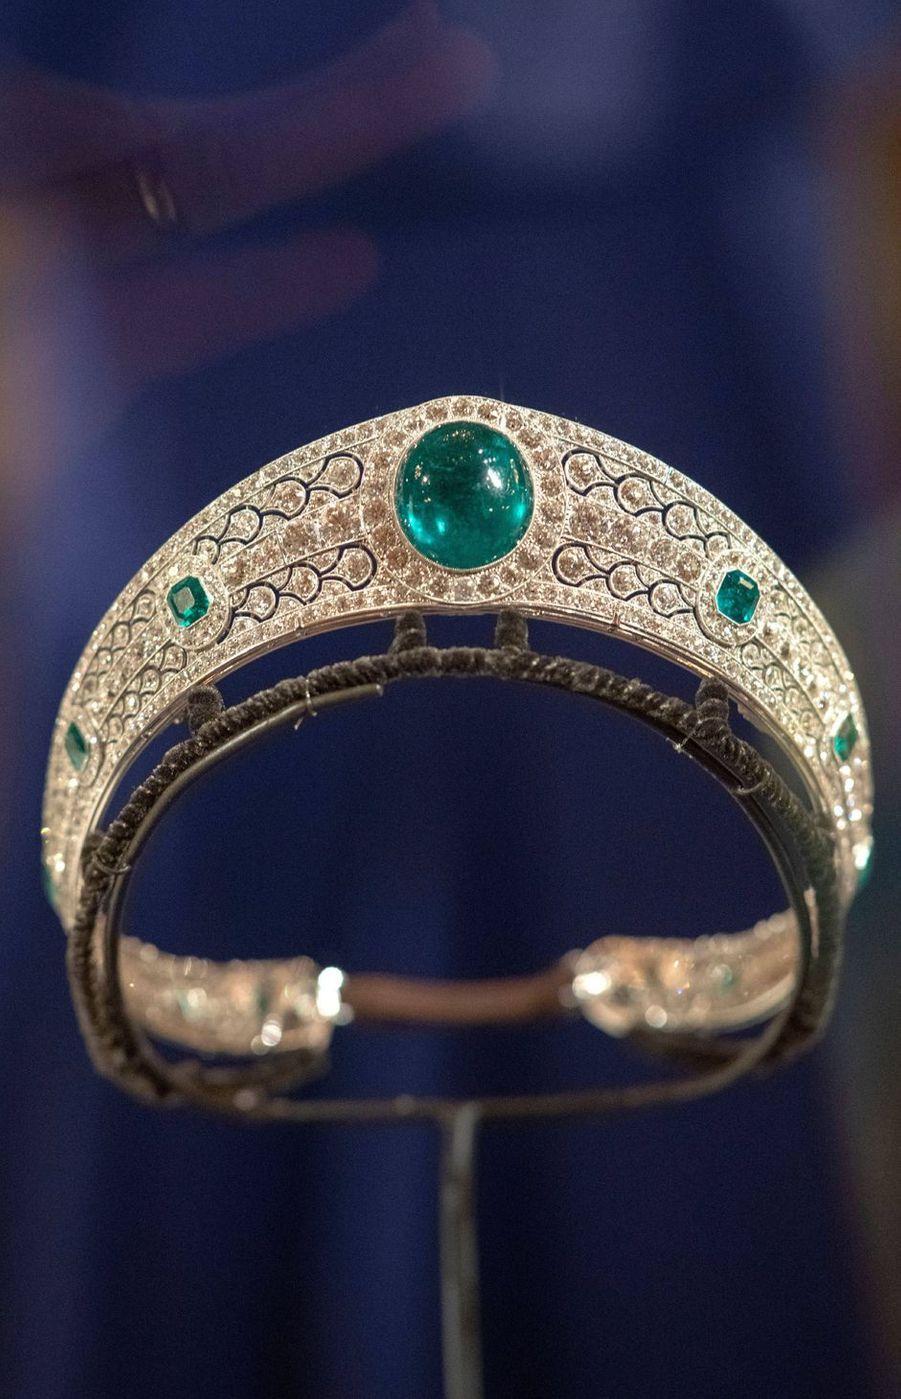 Le diadème porté par la princesse Eugenie d'York à son mariage, exposé à Windsor le 28 février 2019